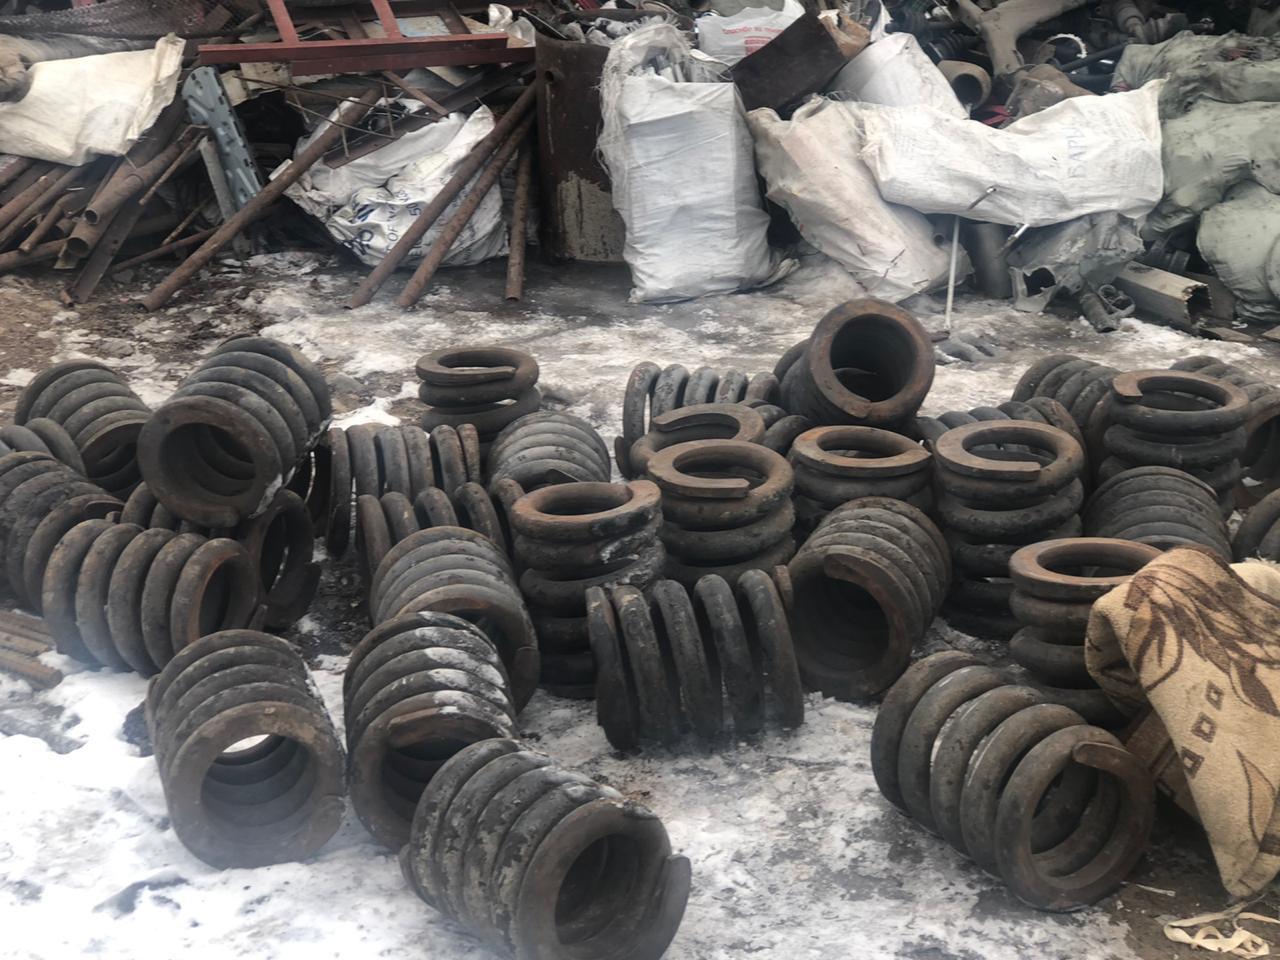 Украдено более 50 амортизаторов железнодорожных вагонов: два человека задержано